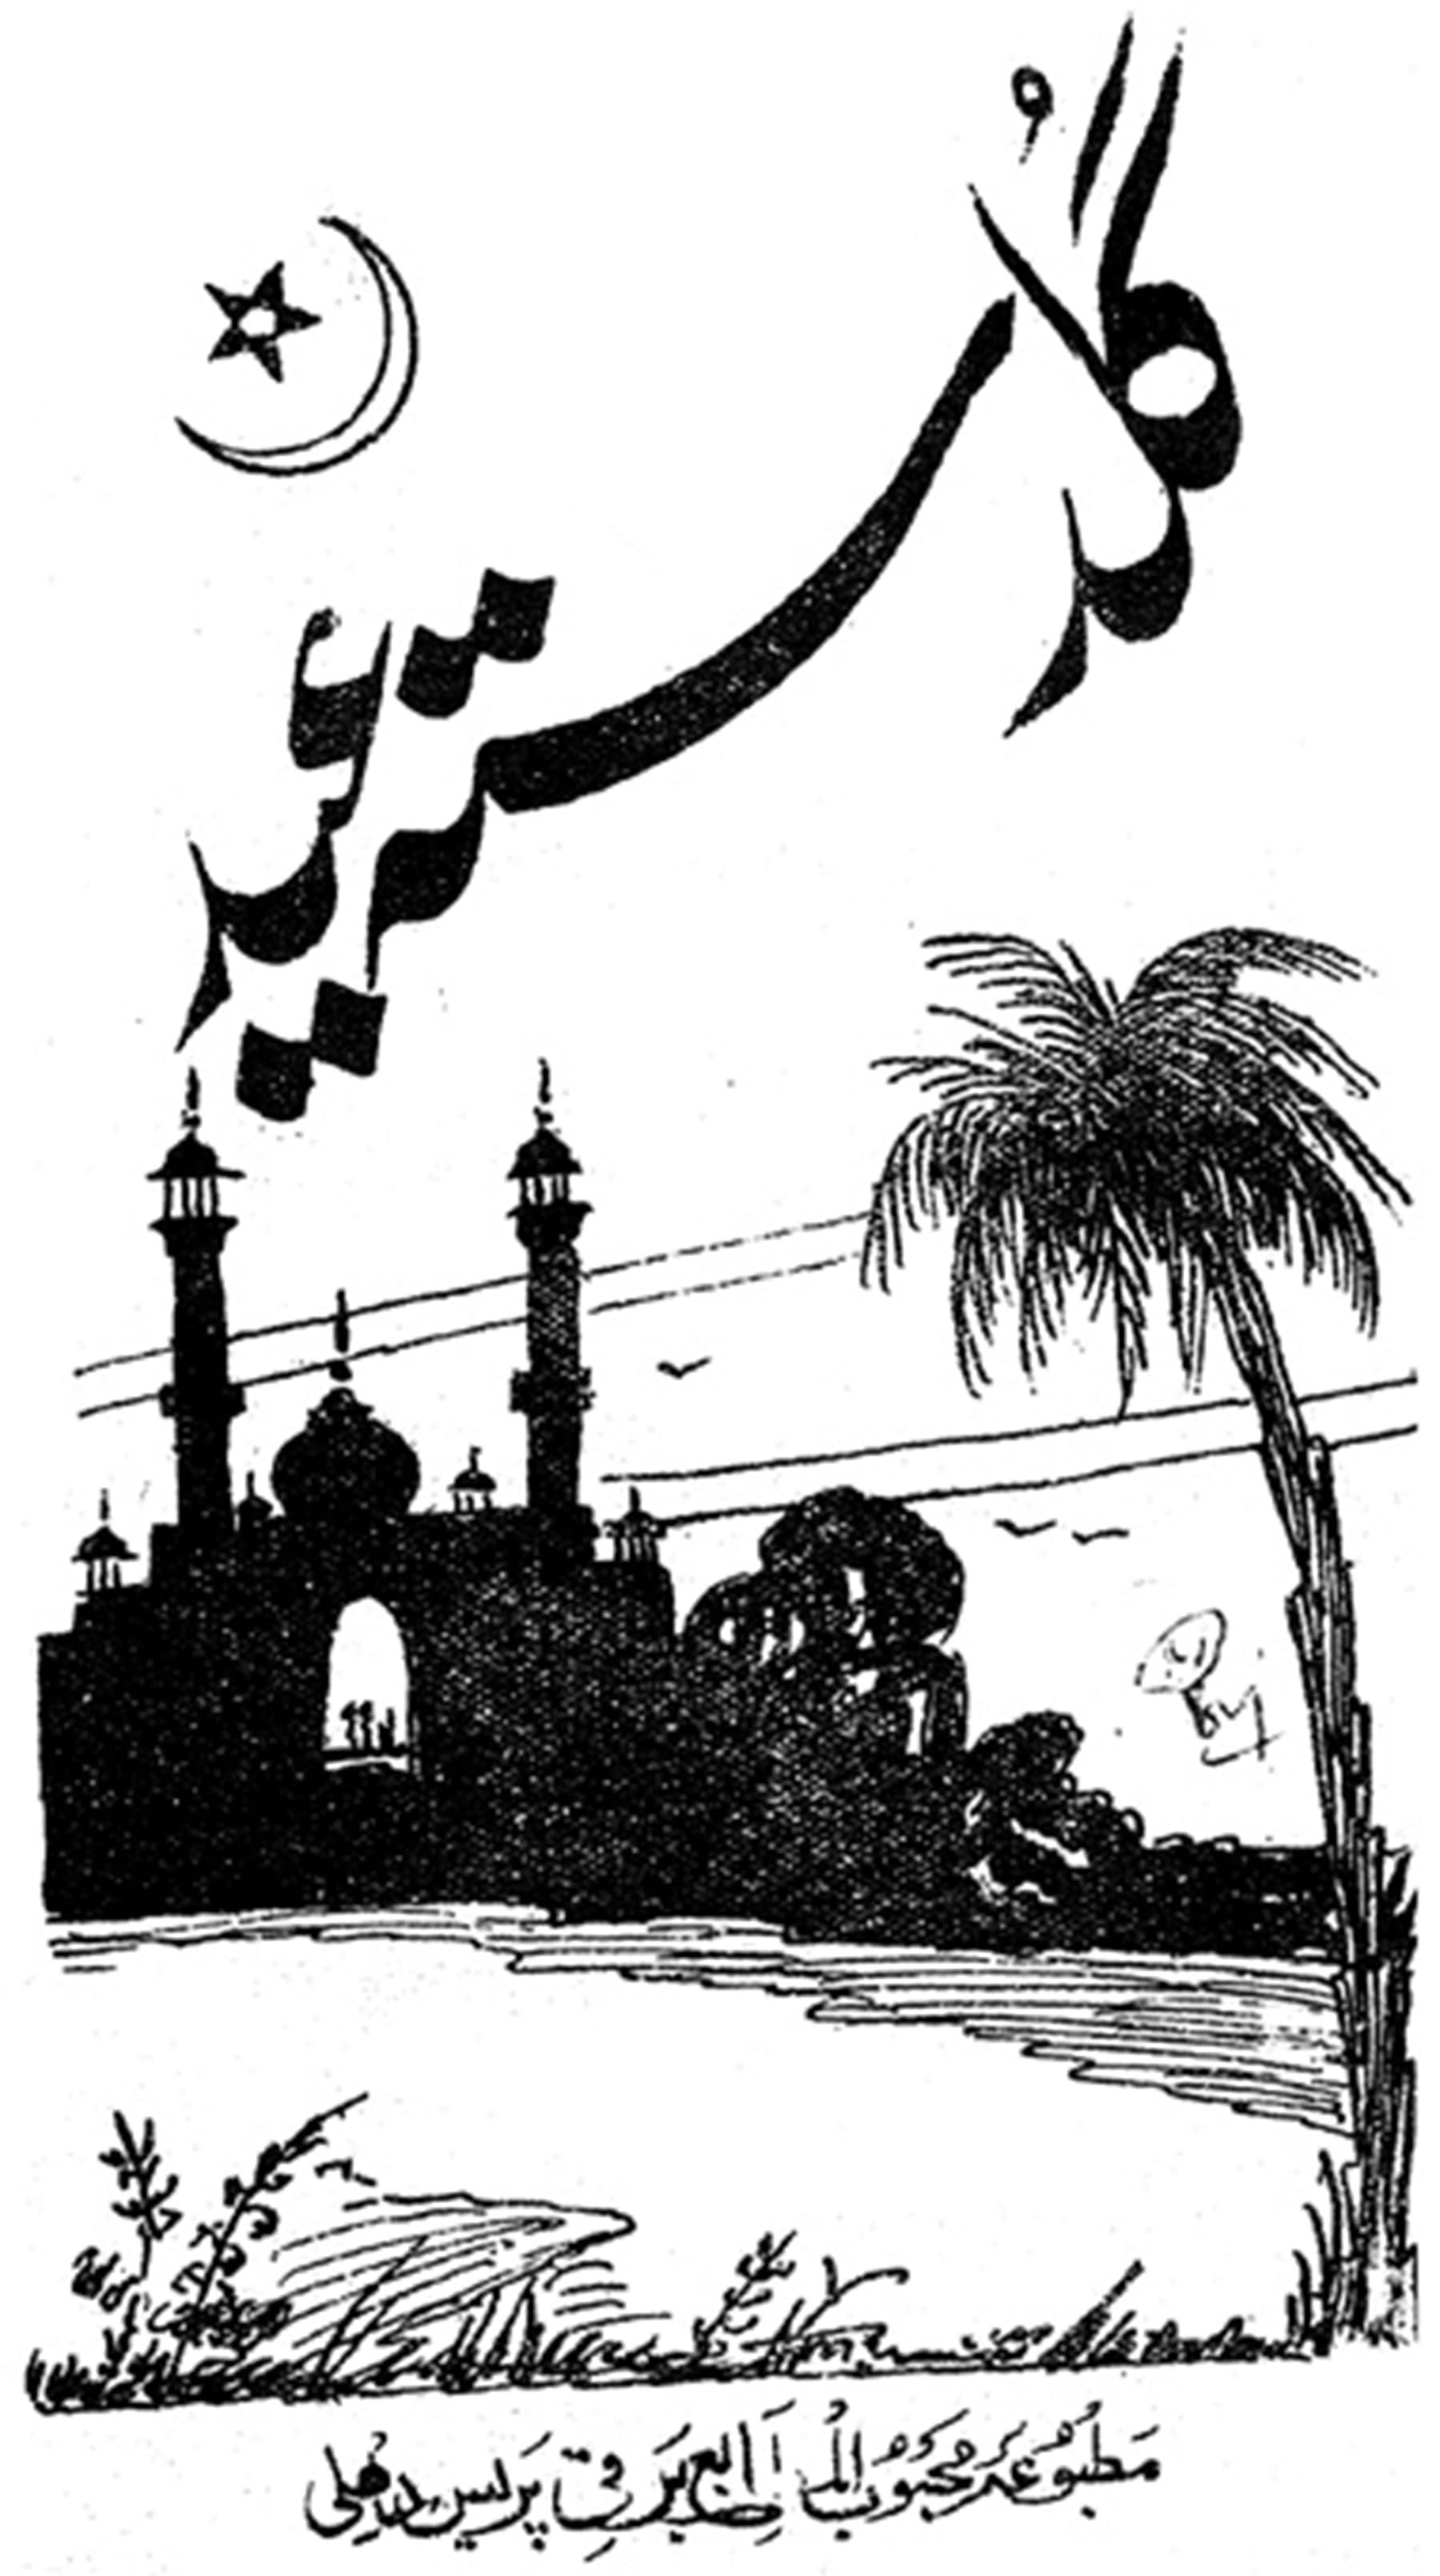 عید کی شاعری پر مبنی کتاب کا ٹائٹل، گلدستہء عید۔ جسے محبوب المطابع، دہلی، سے راشد الخیری نے شائع کیا۔